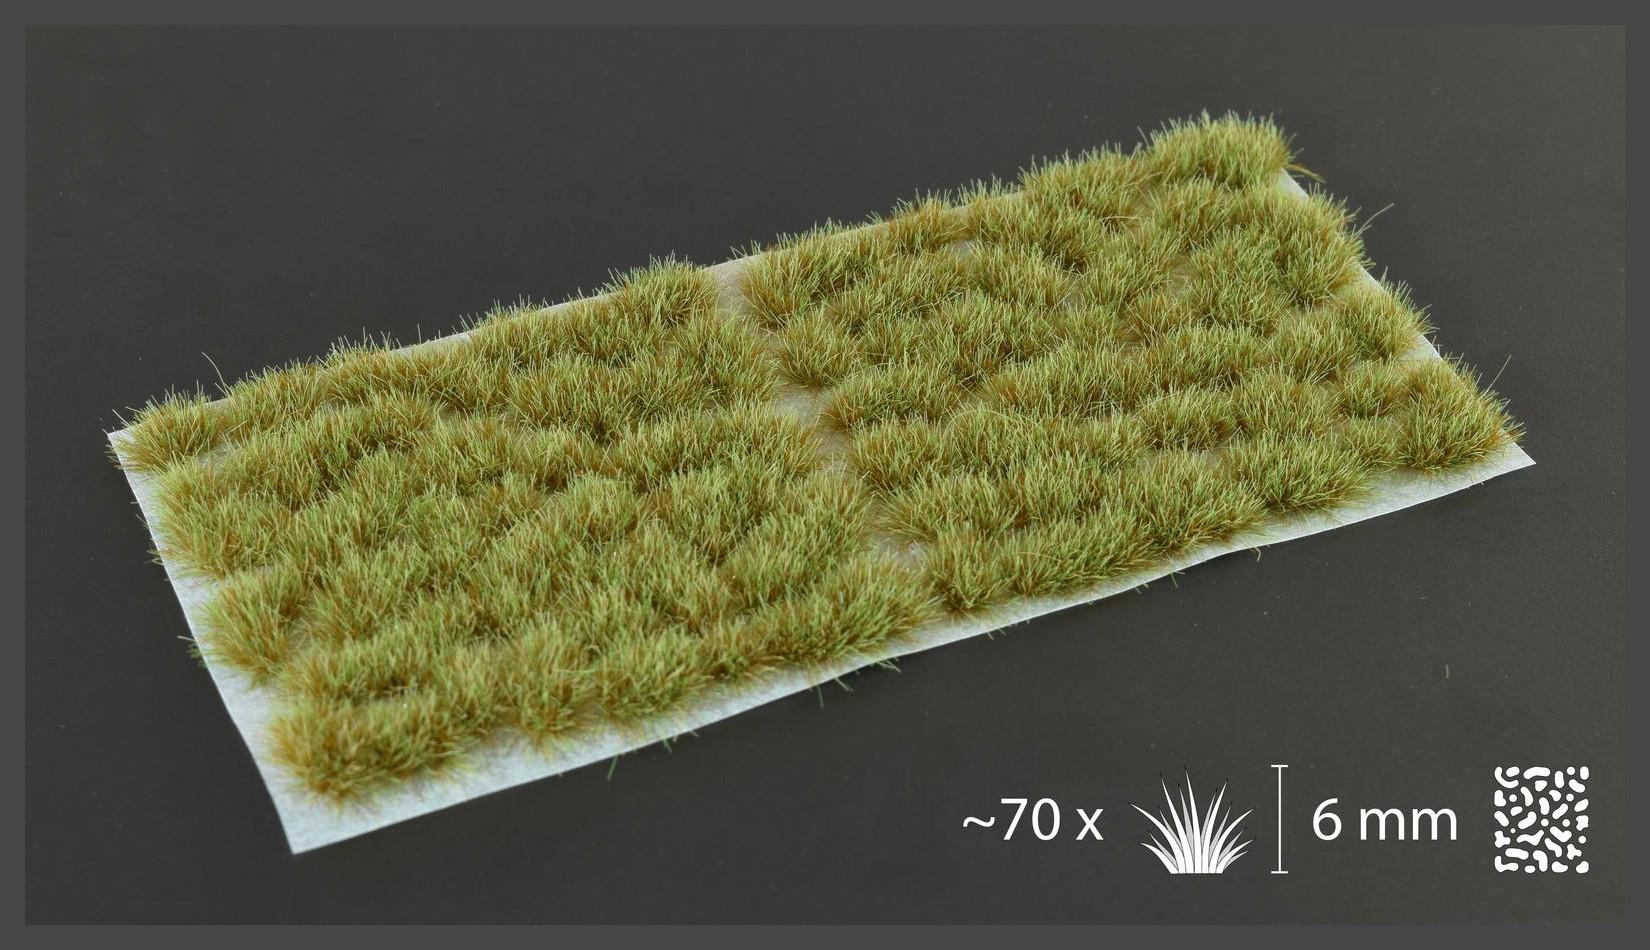 Gamers Grass: Mixed Green 6mm